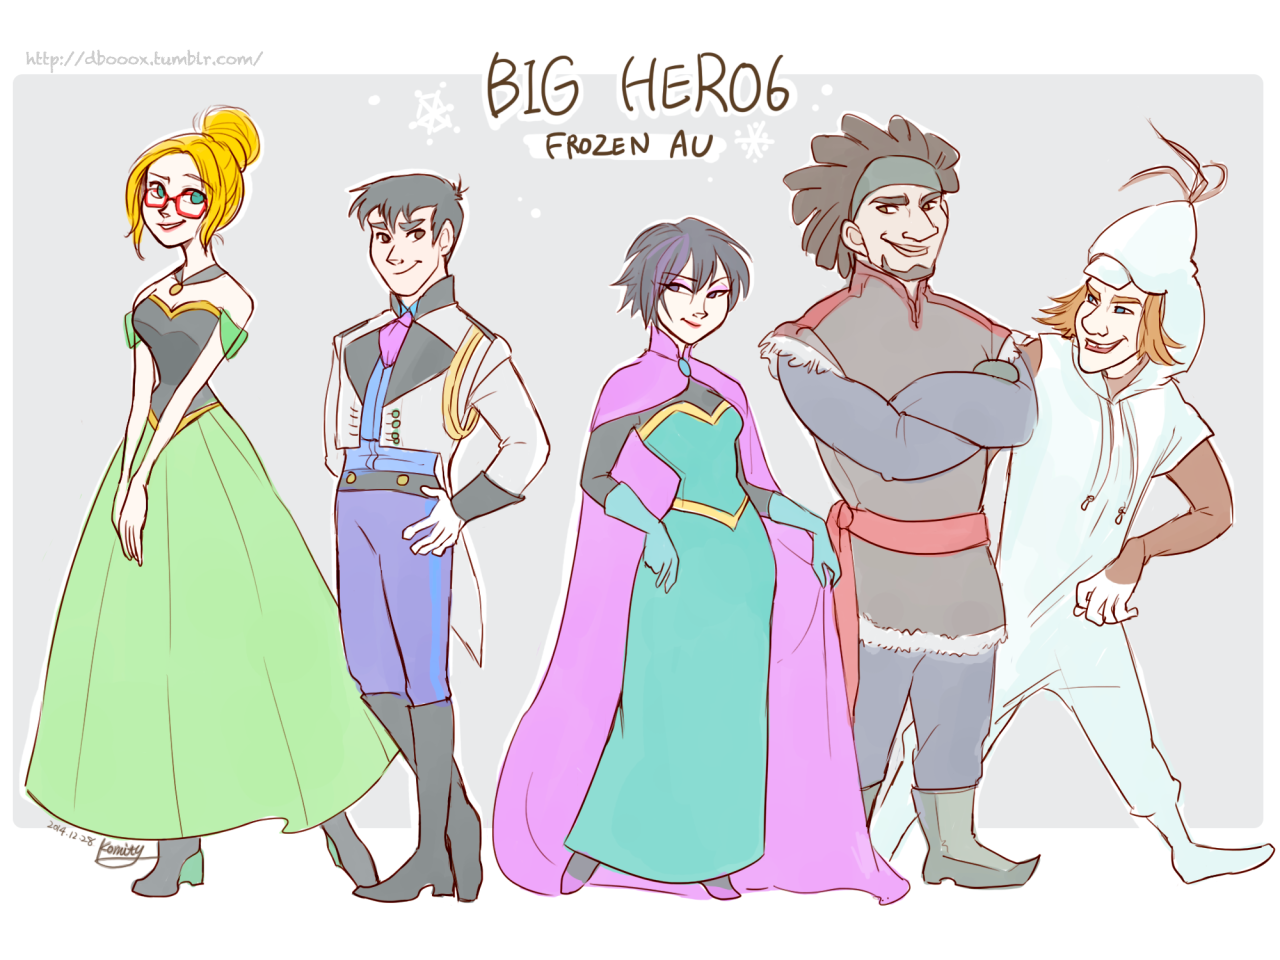 Big hero 6 big hero 6 frozen